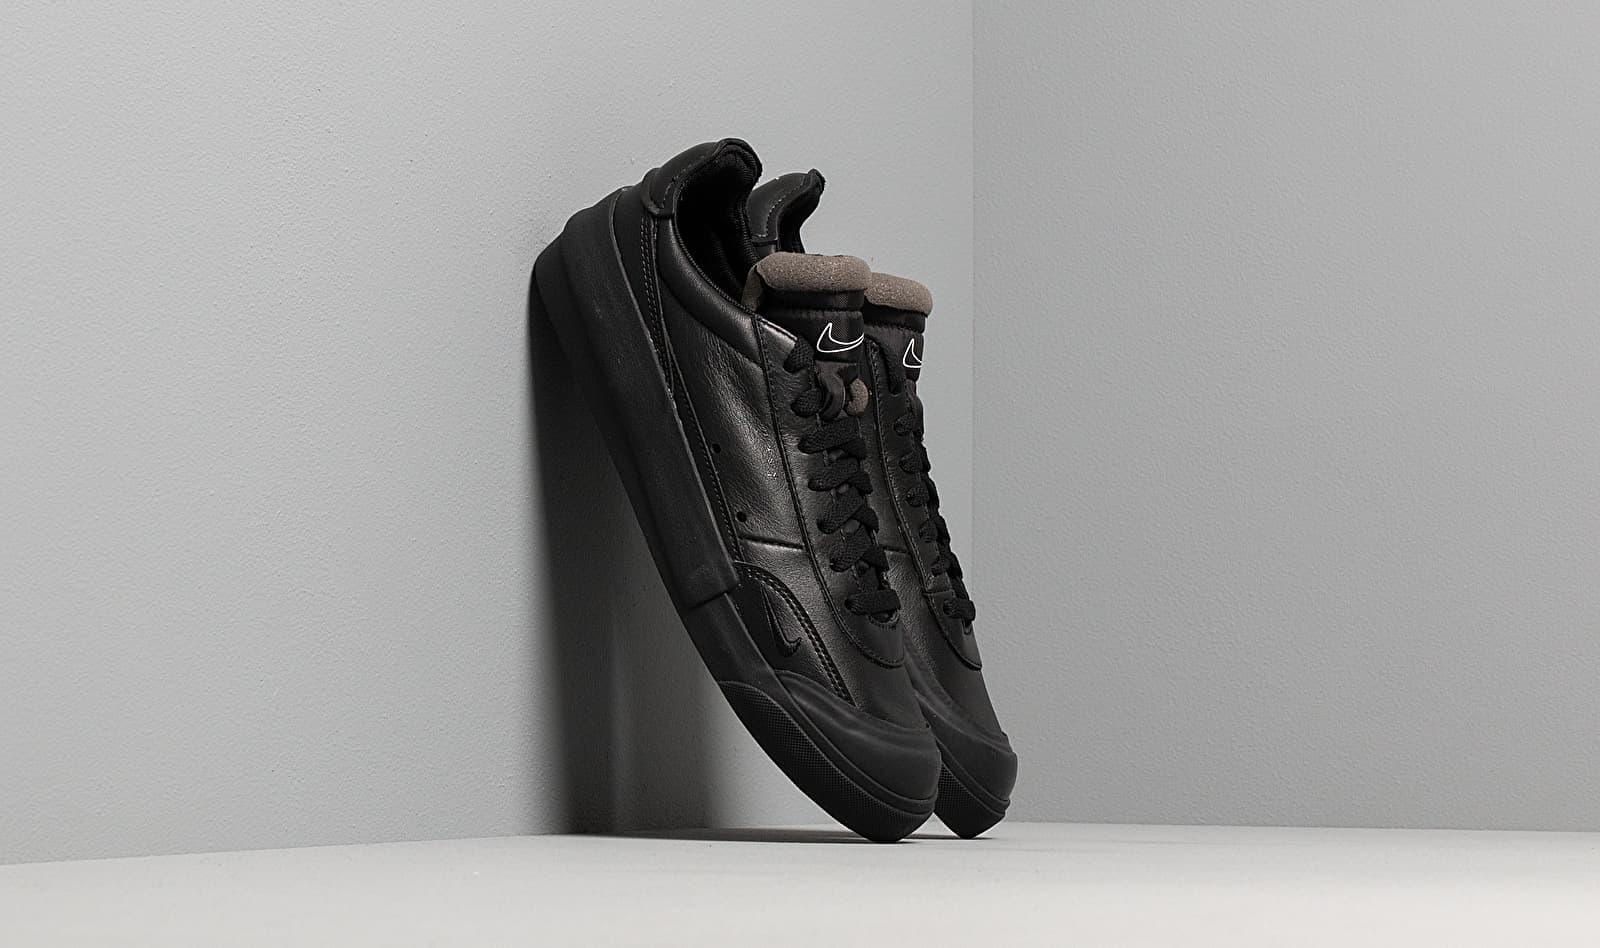 Nike Drop-Type Premium Black/ White CN6916-001